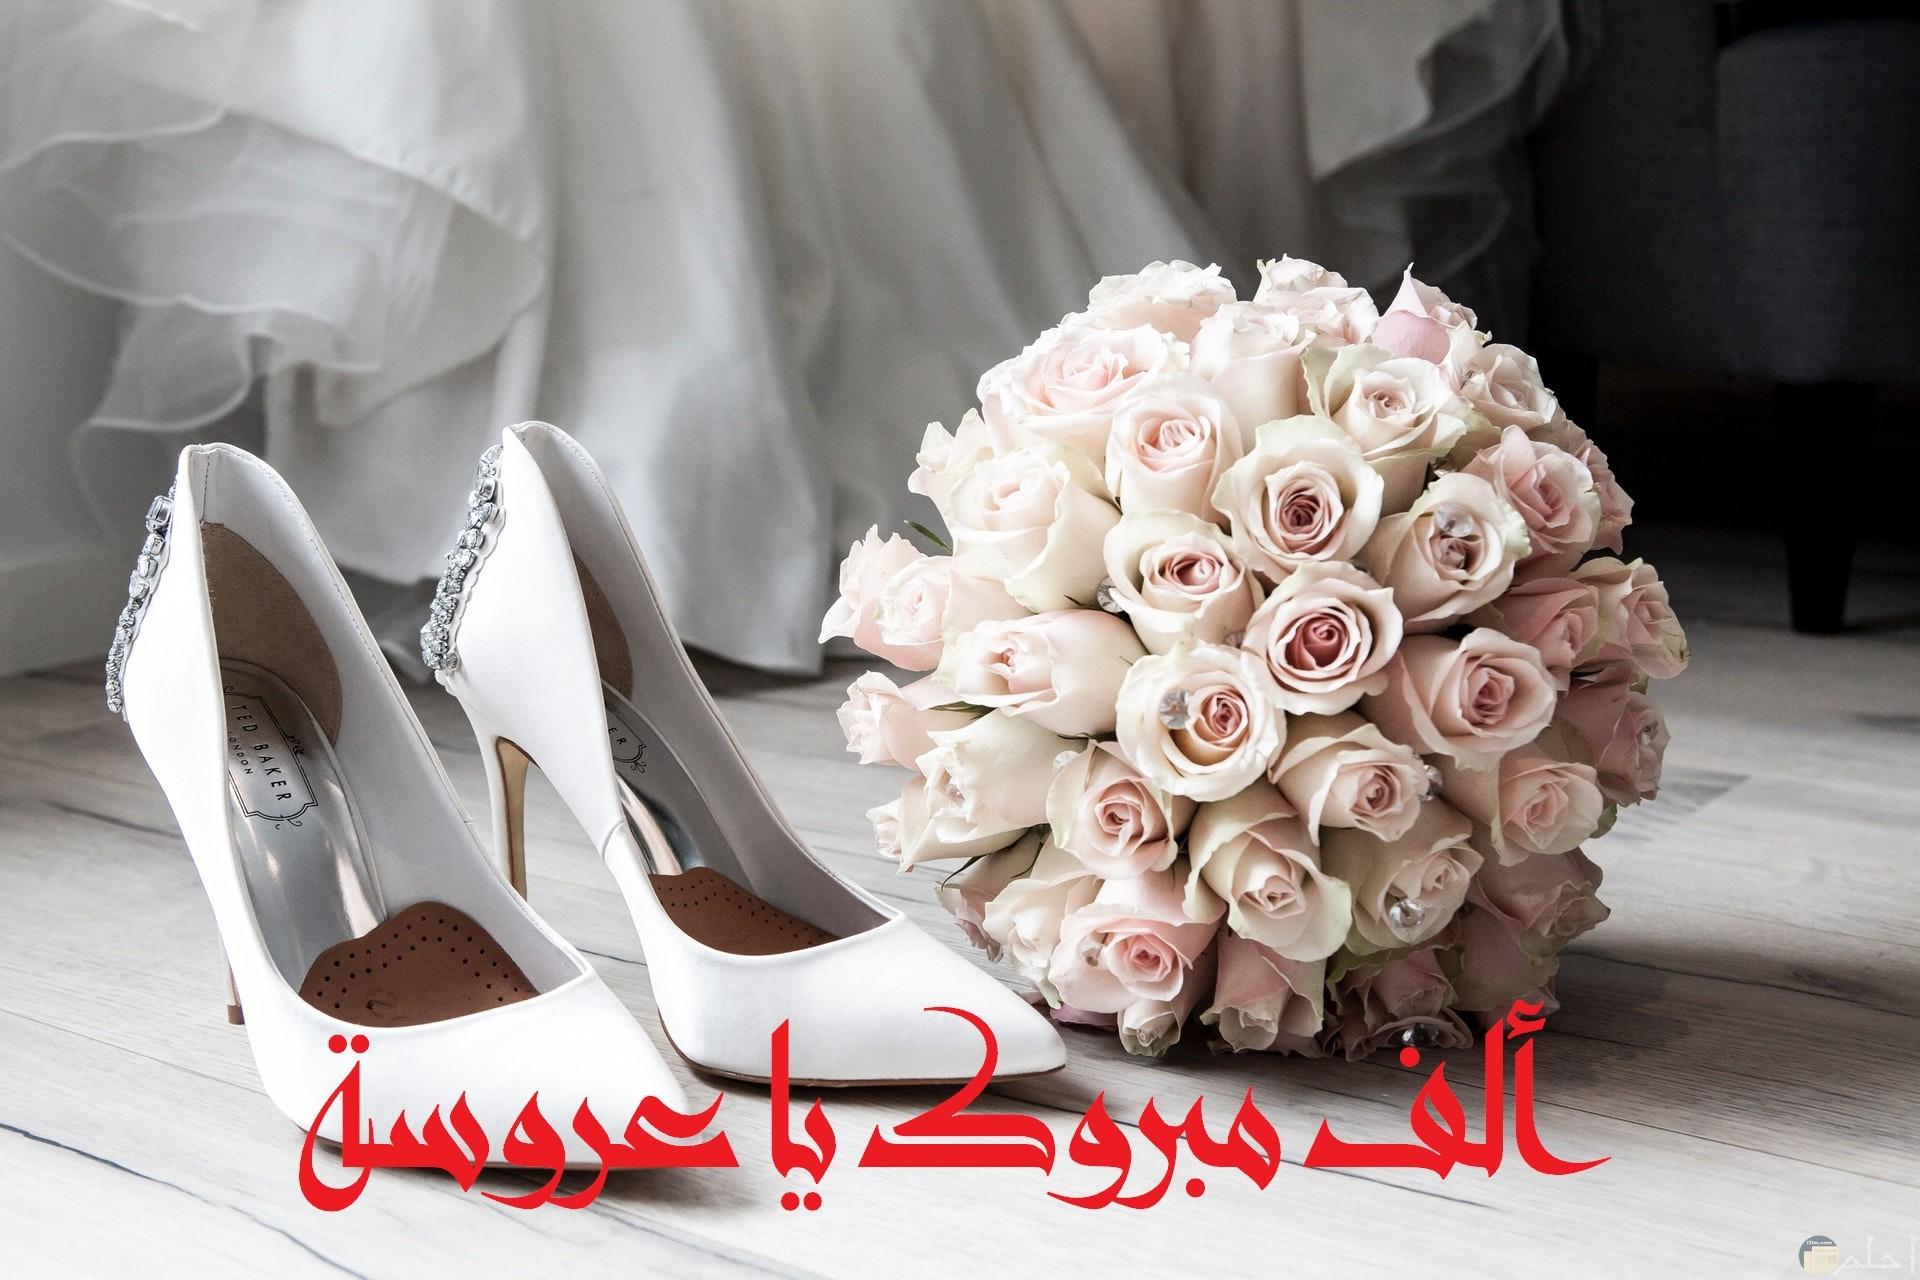 صورة تهنئة بمناسبة الفرح جميلة جدا مكتوب عليها ألف مبروك يا عروسة وبوكيه ورد وحذاء أبيض وفستان حلو في الخلف